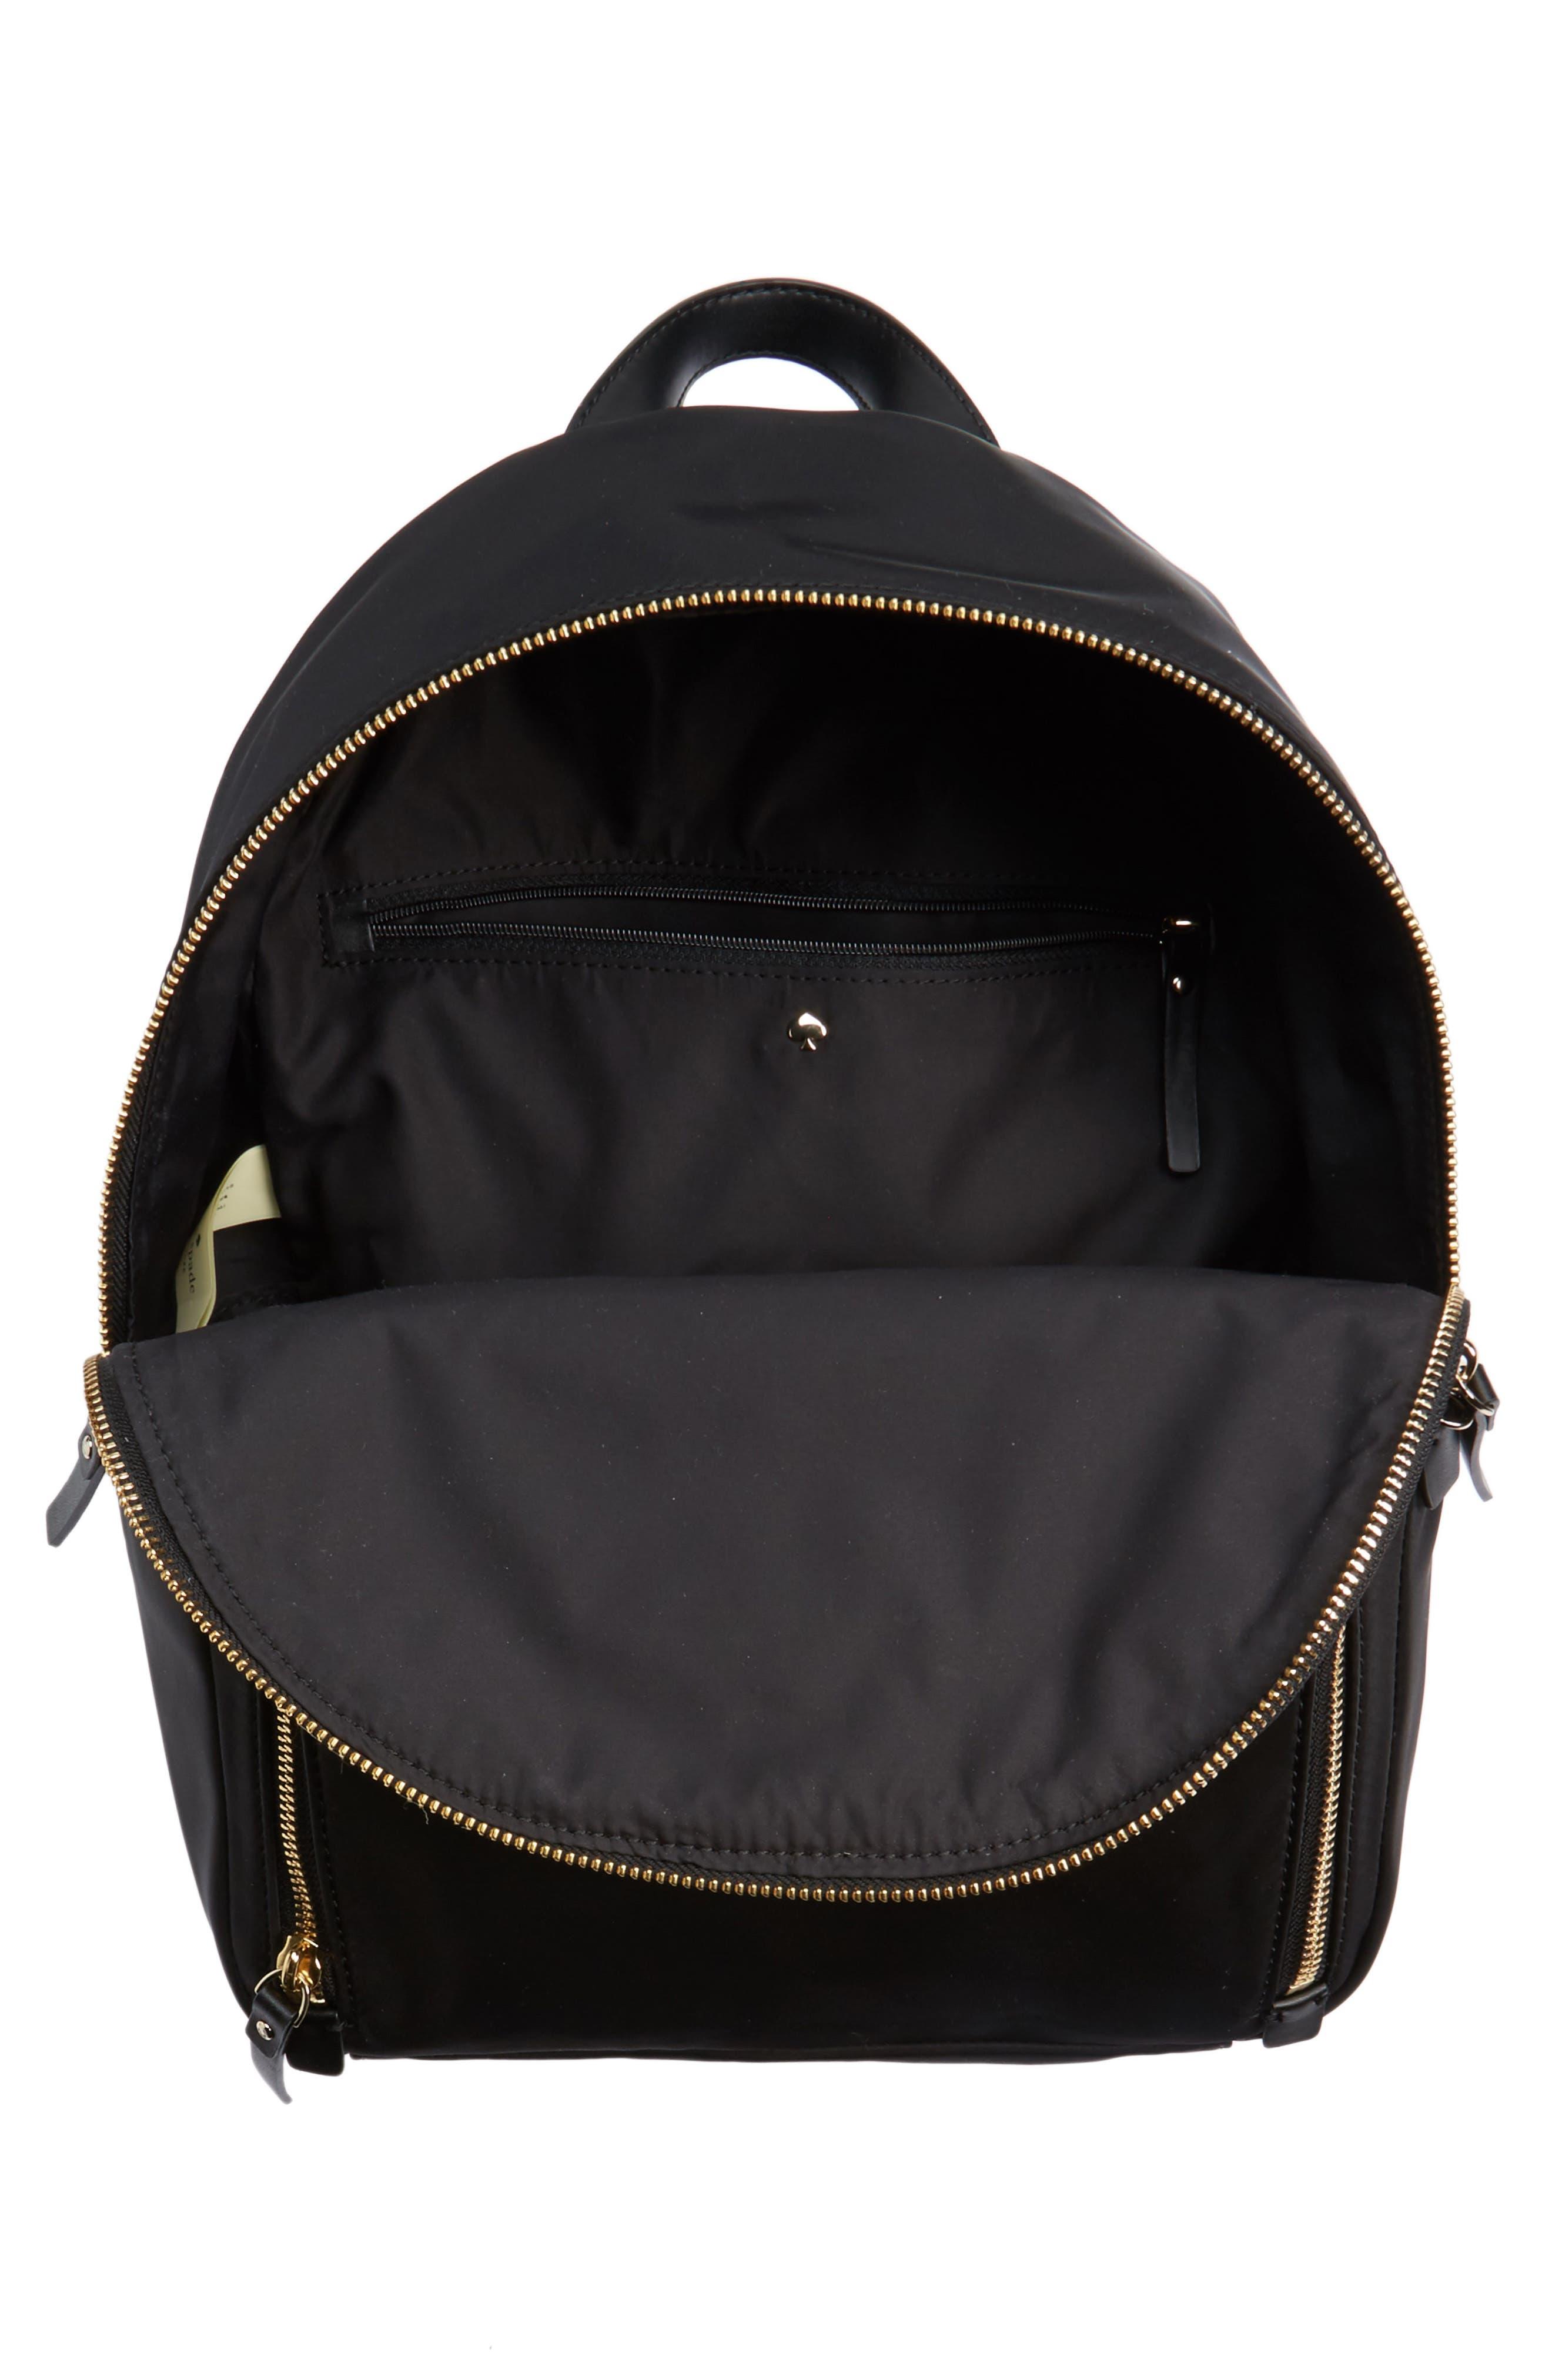 watson lane - hartley nylon backpack,                             Alternate thumbnail 4, color,                             BLACK